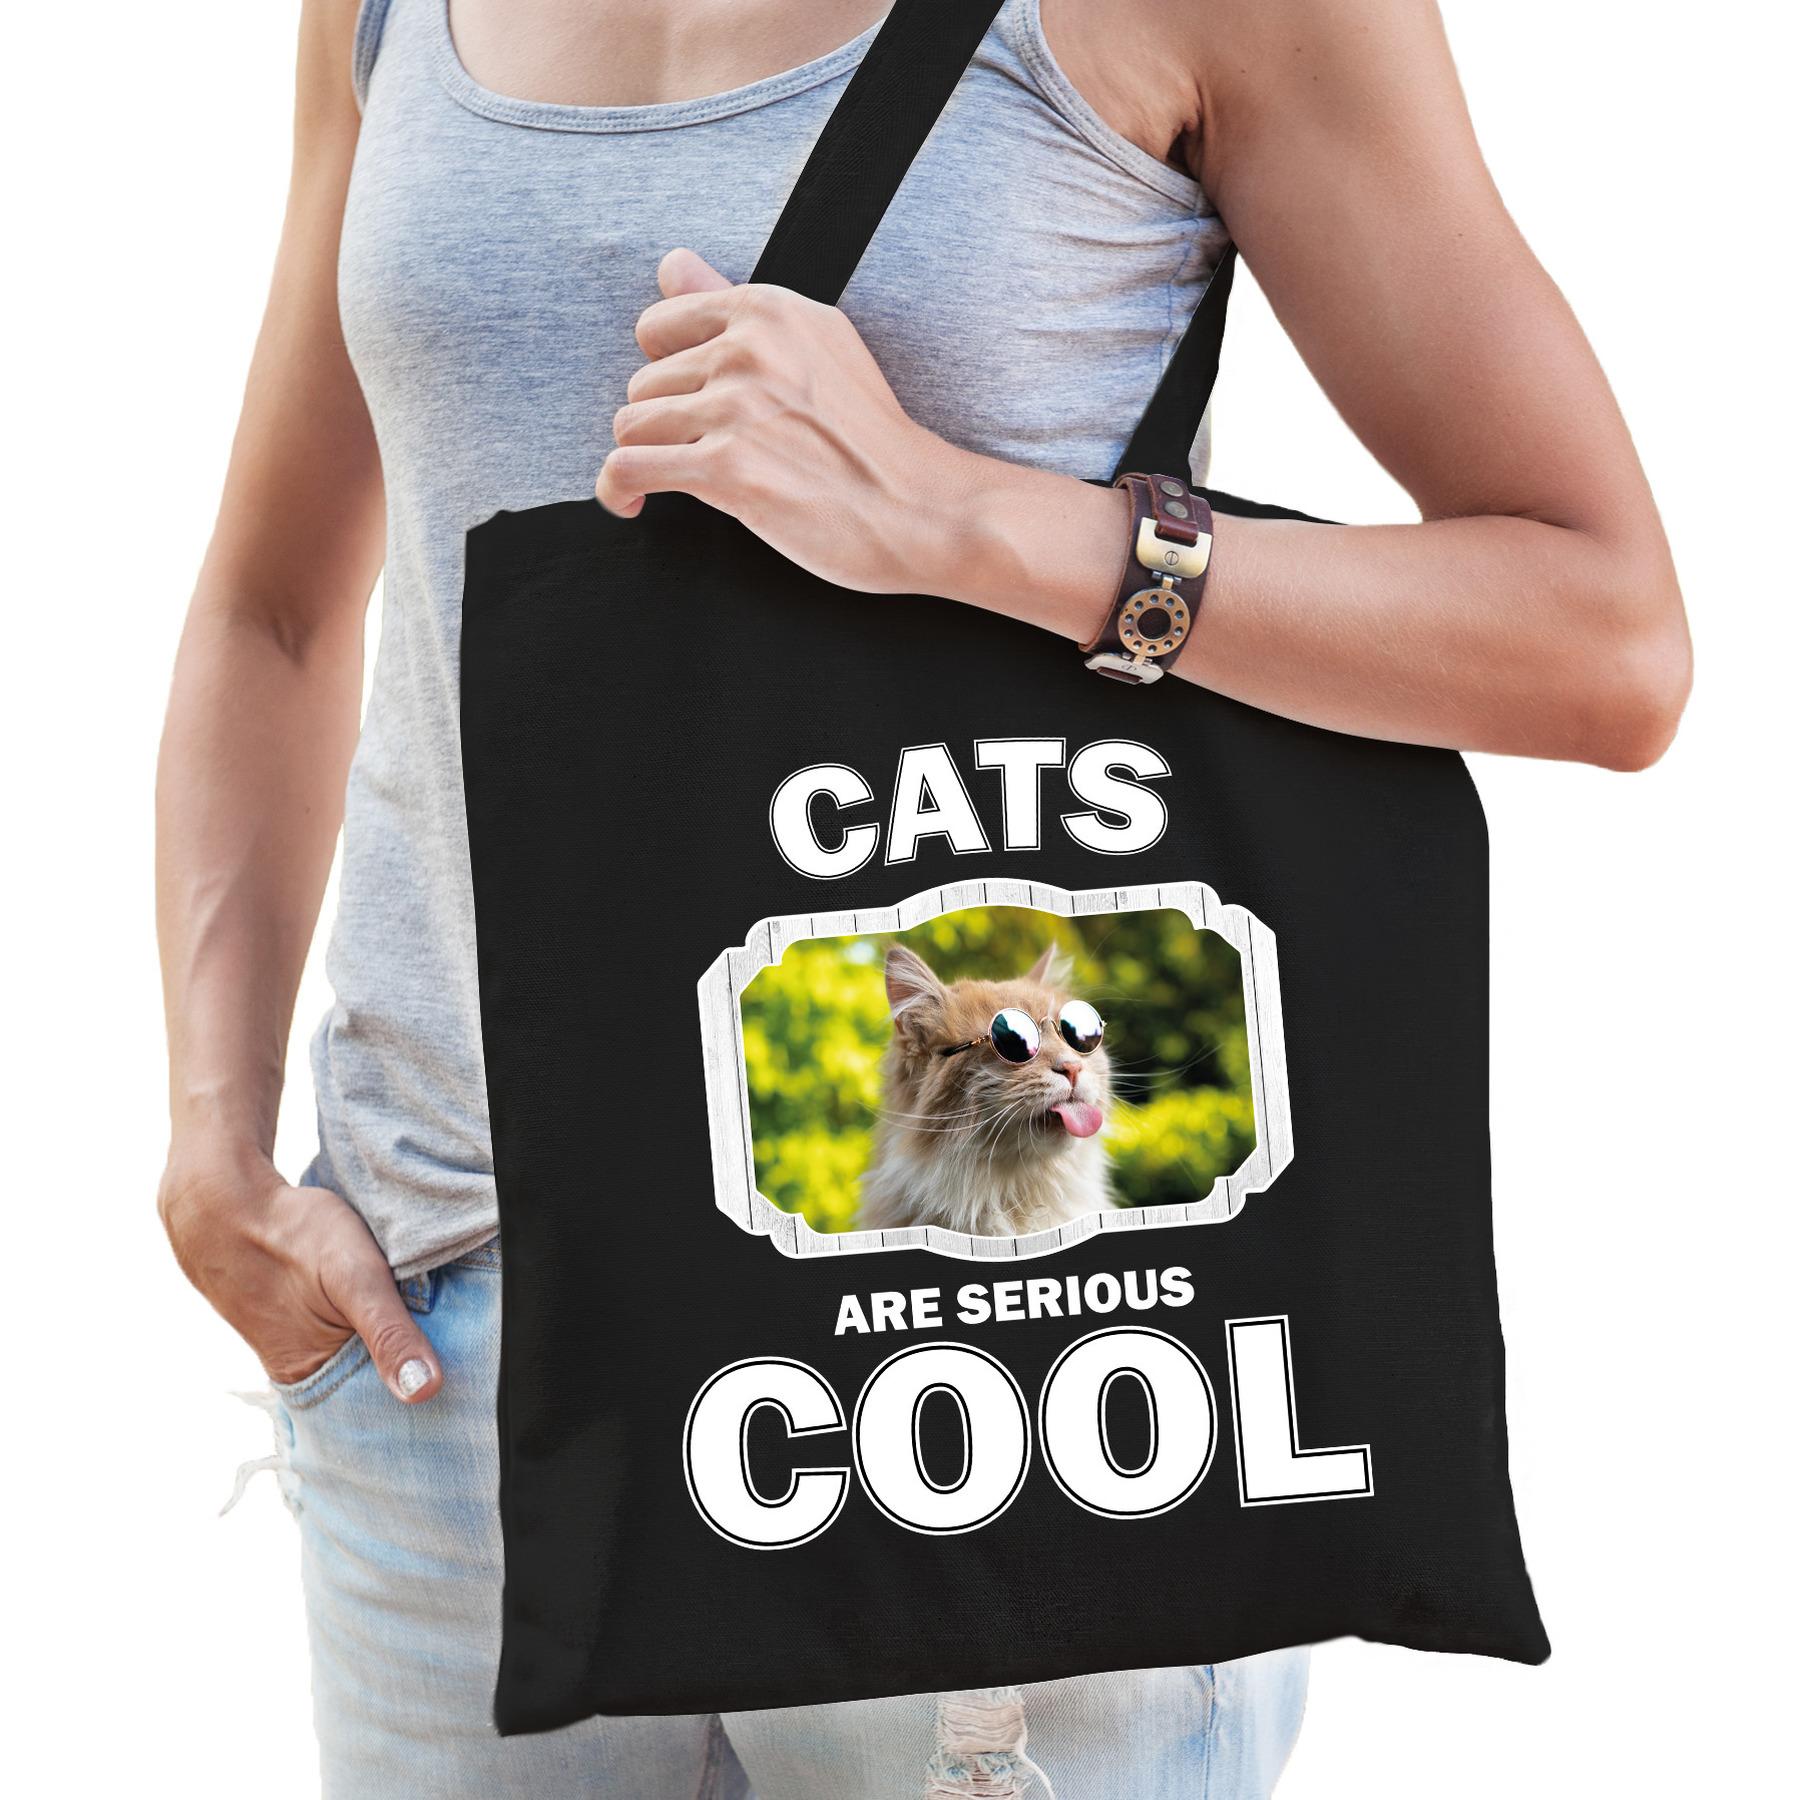 Katoenen tasje cats are serious cool zwart - katten/ gekke poes cadeau tas